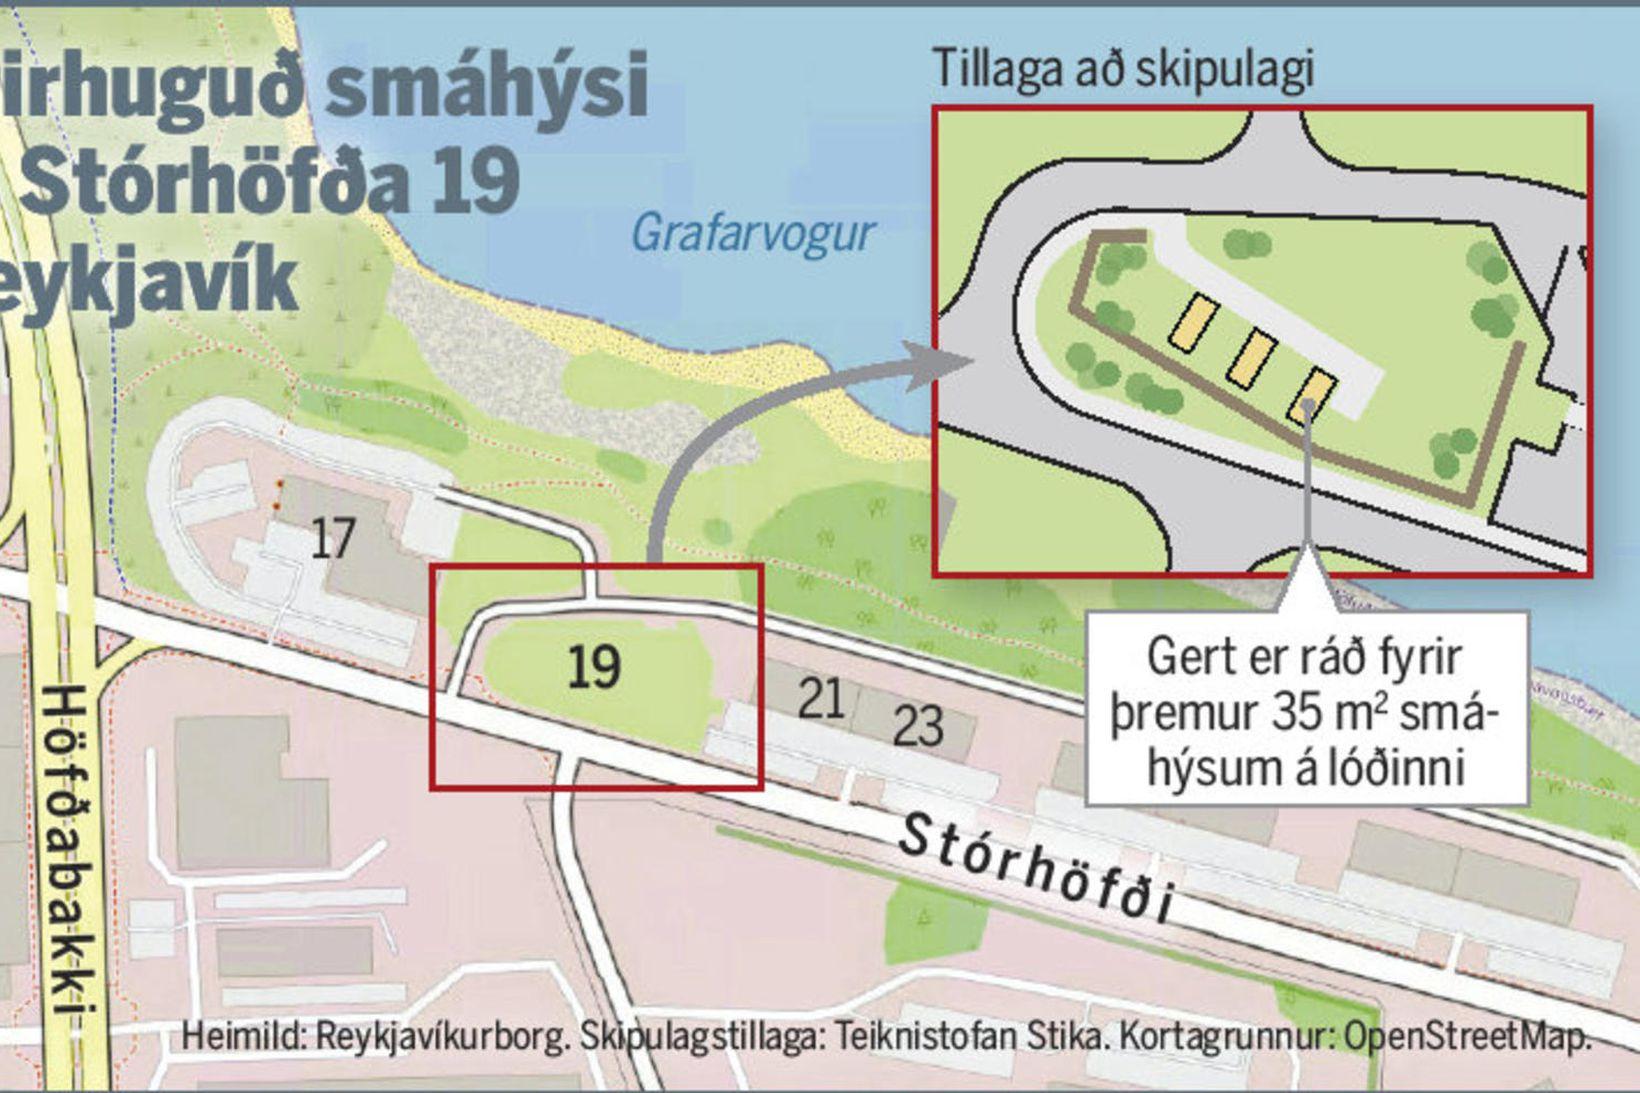 Fyrirhuguð smáhýsi sæta gagnrýni.